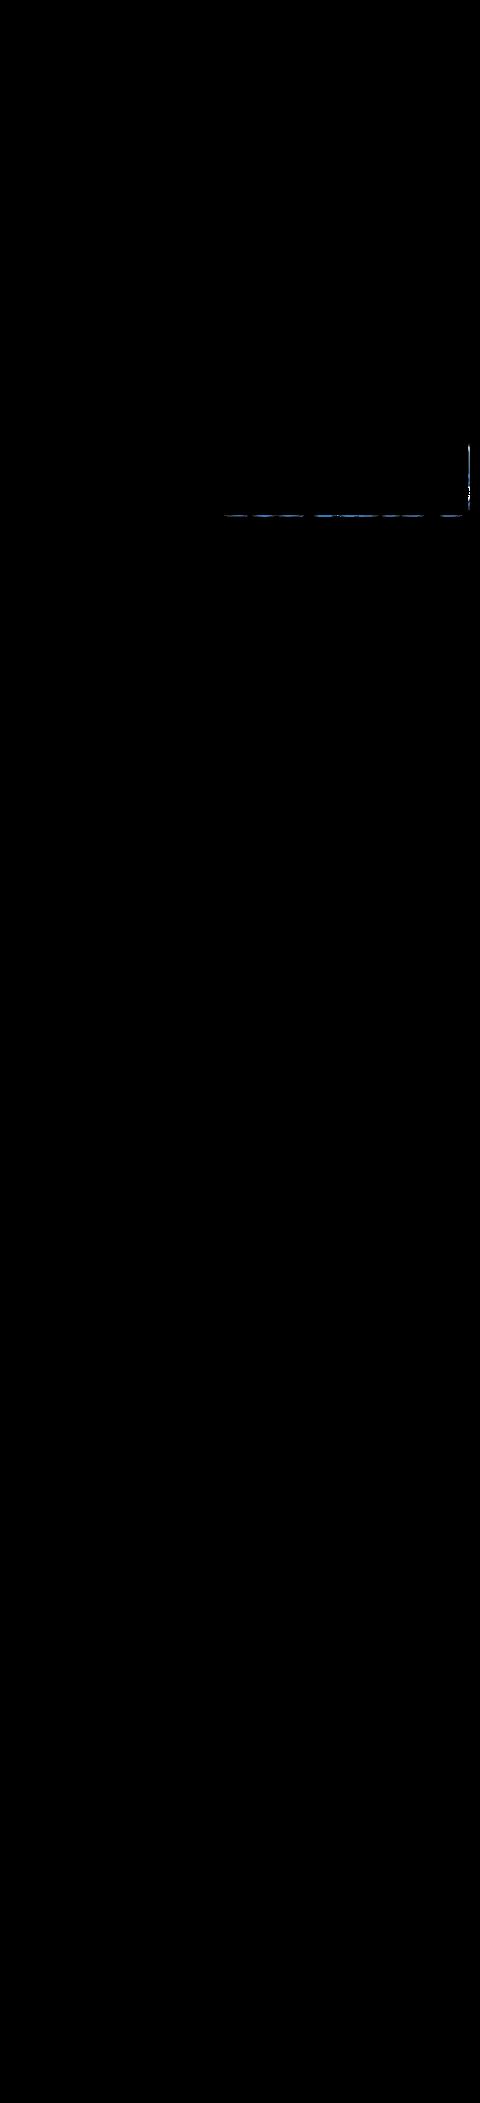 JAumWNv